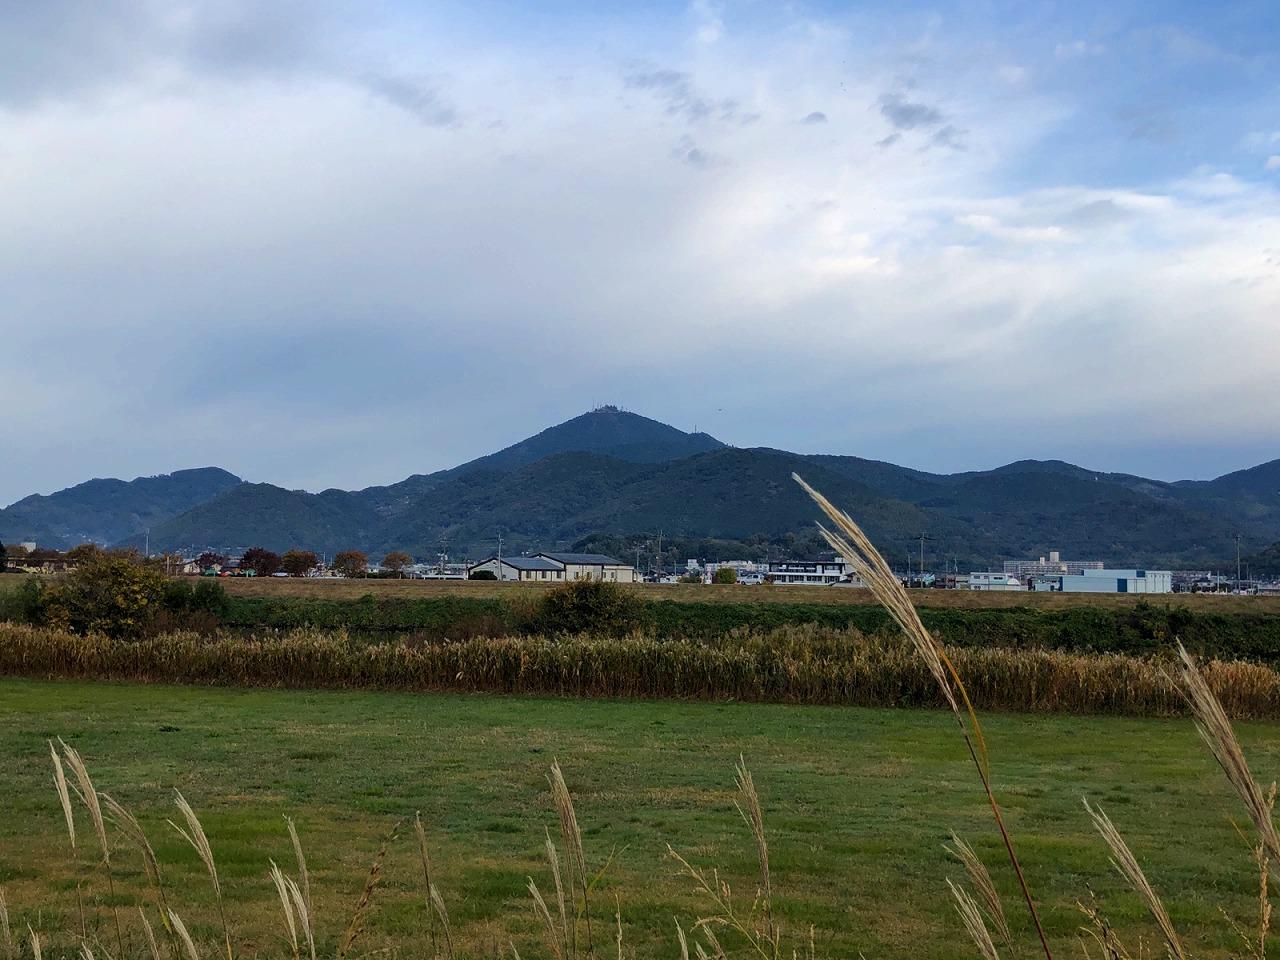 2018.11.15今朝の金峰山です。